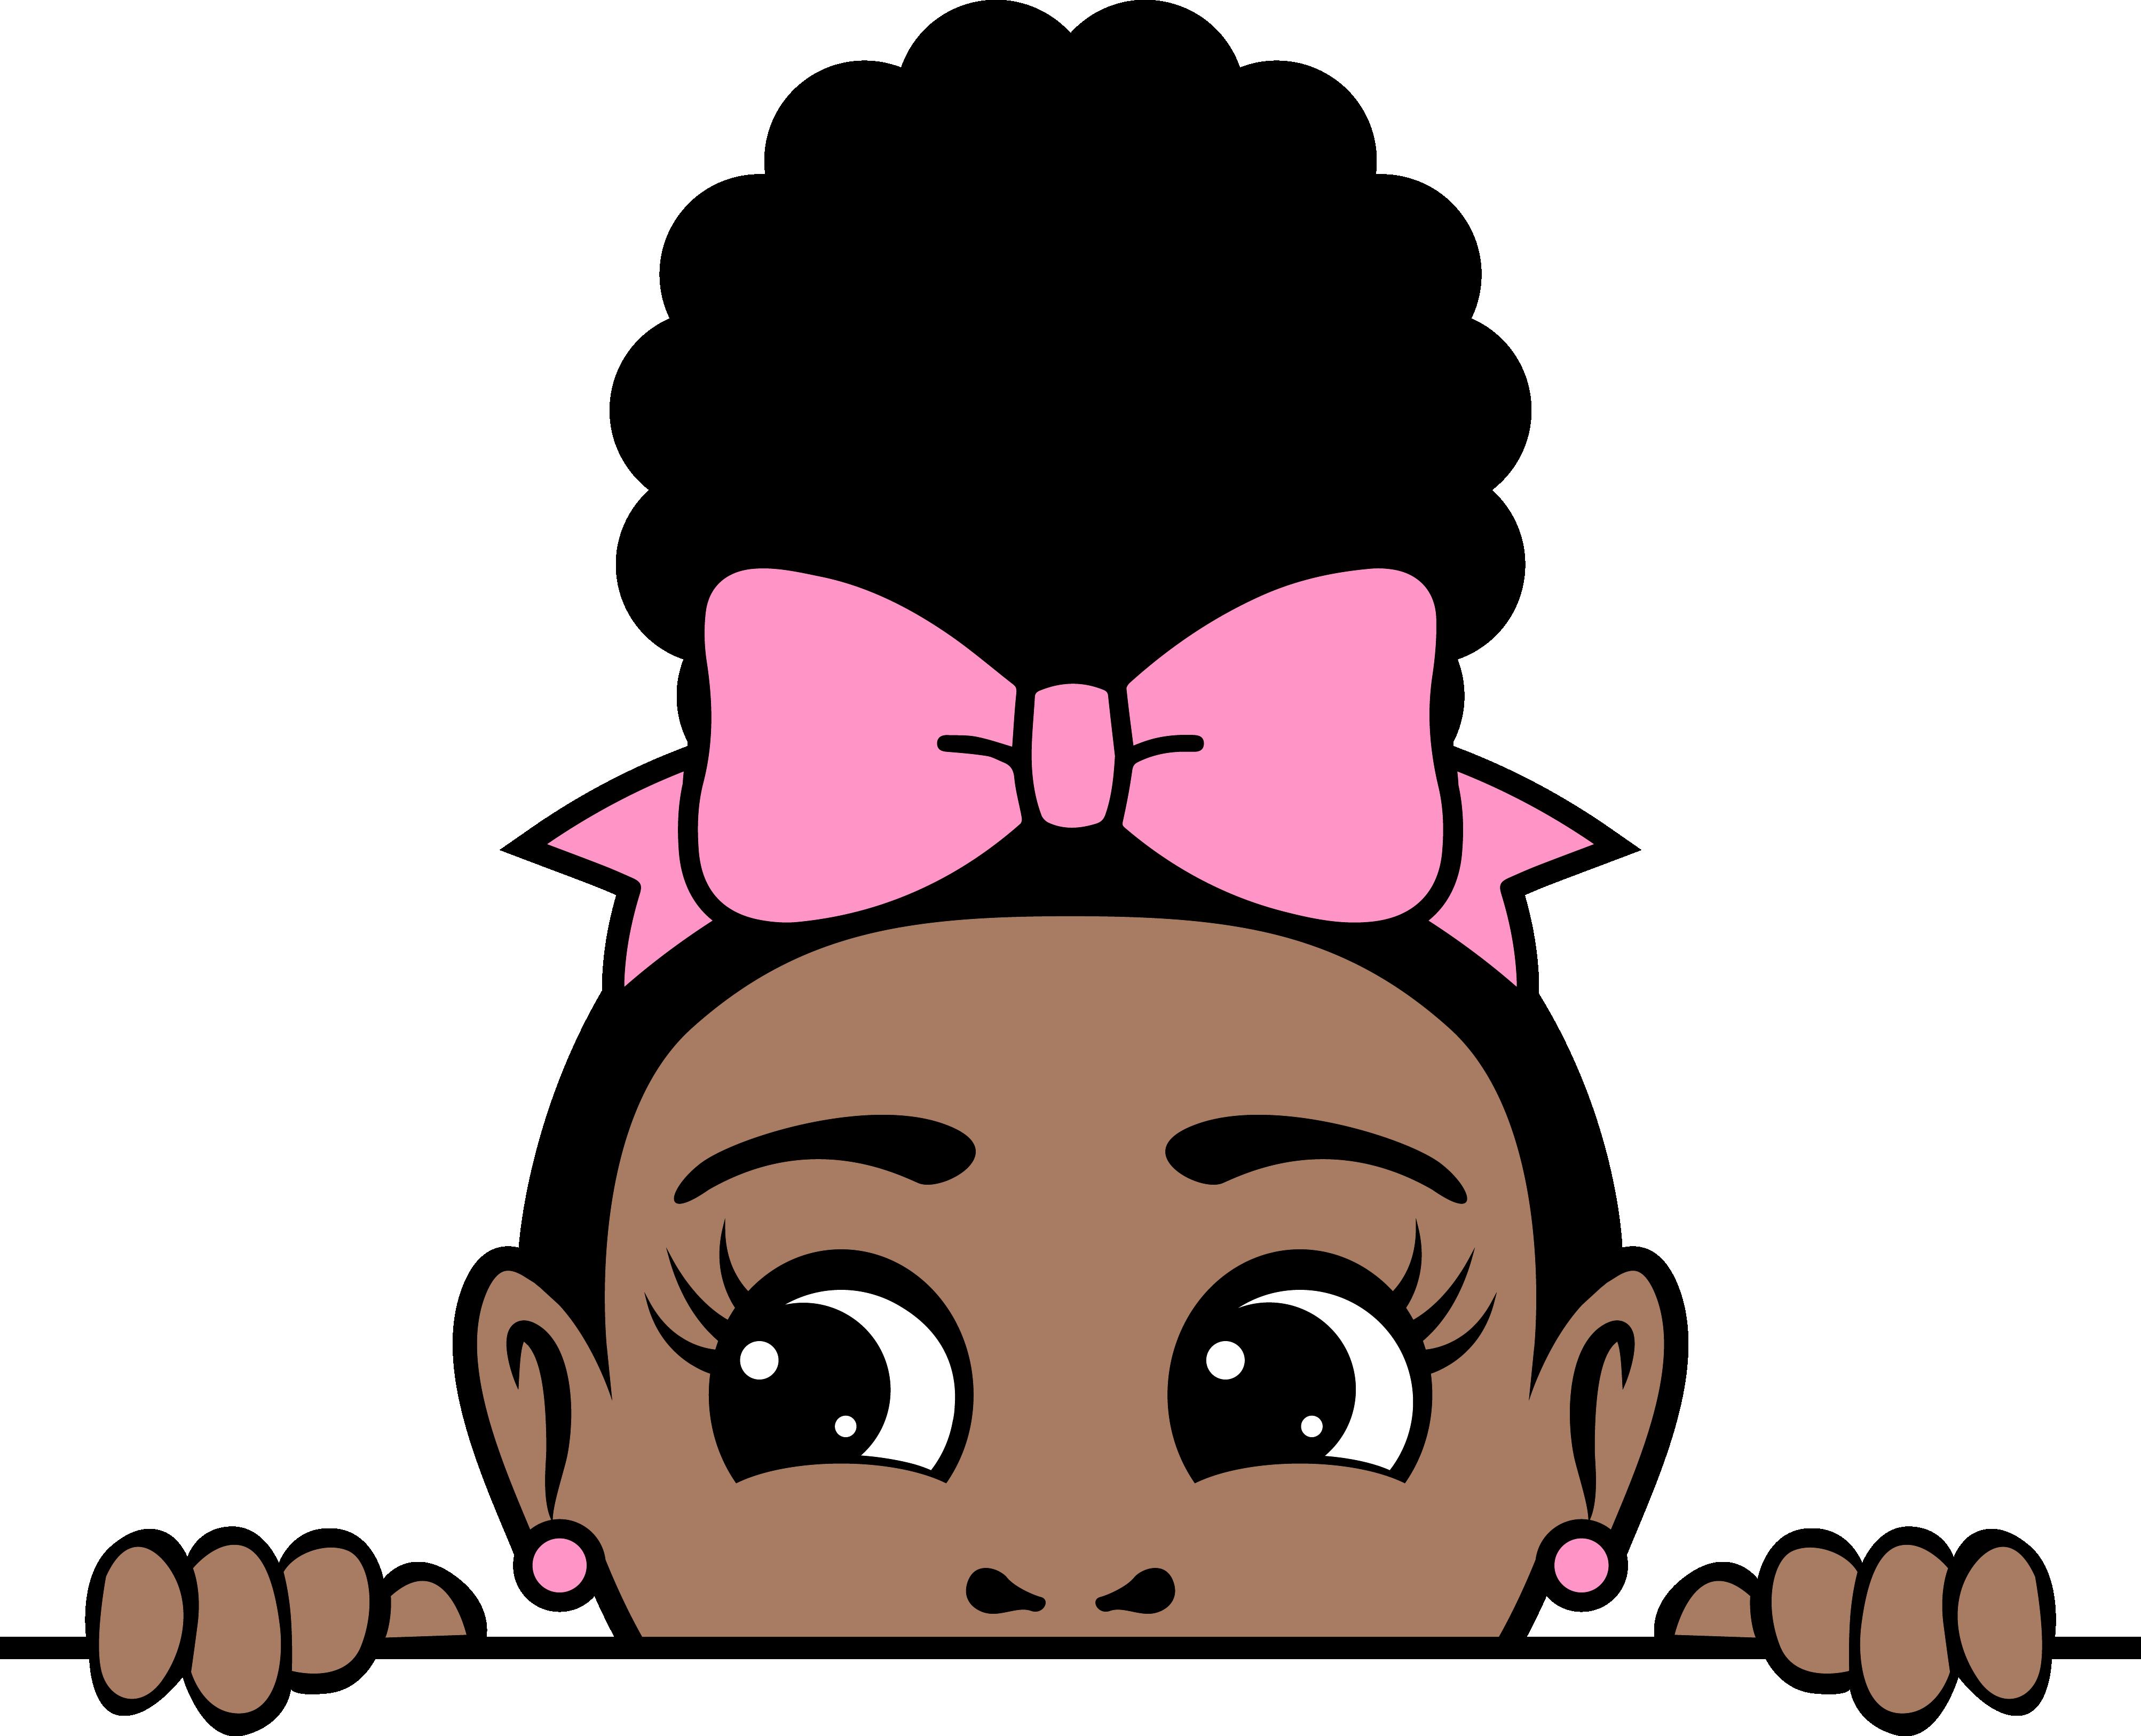 Afro puff bow girl peekaboo 3